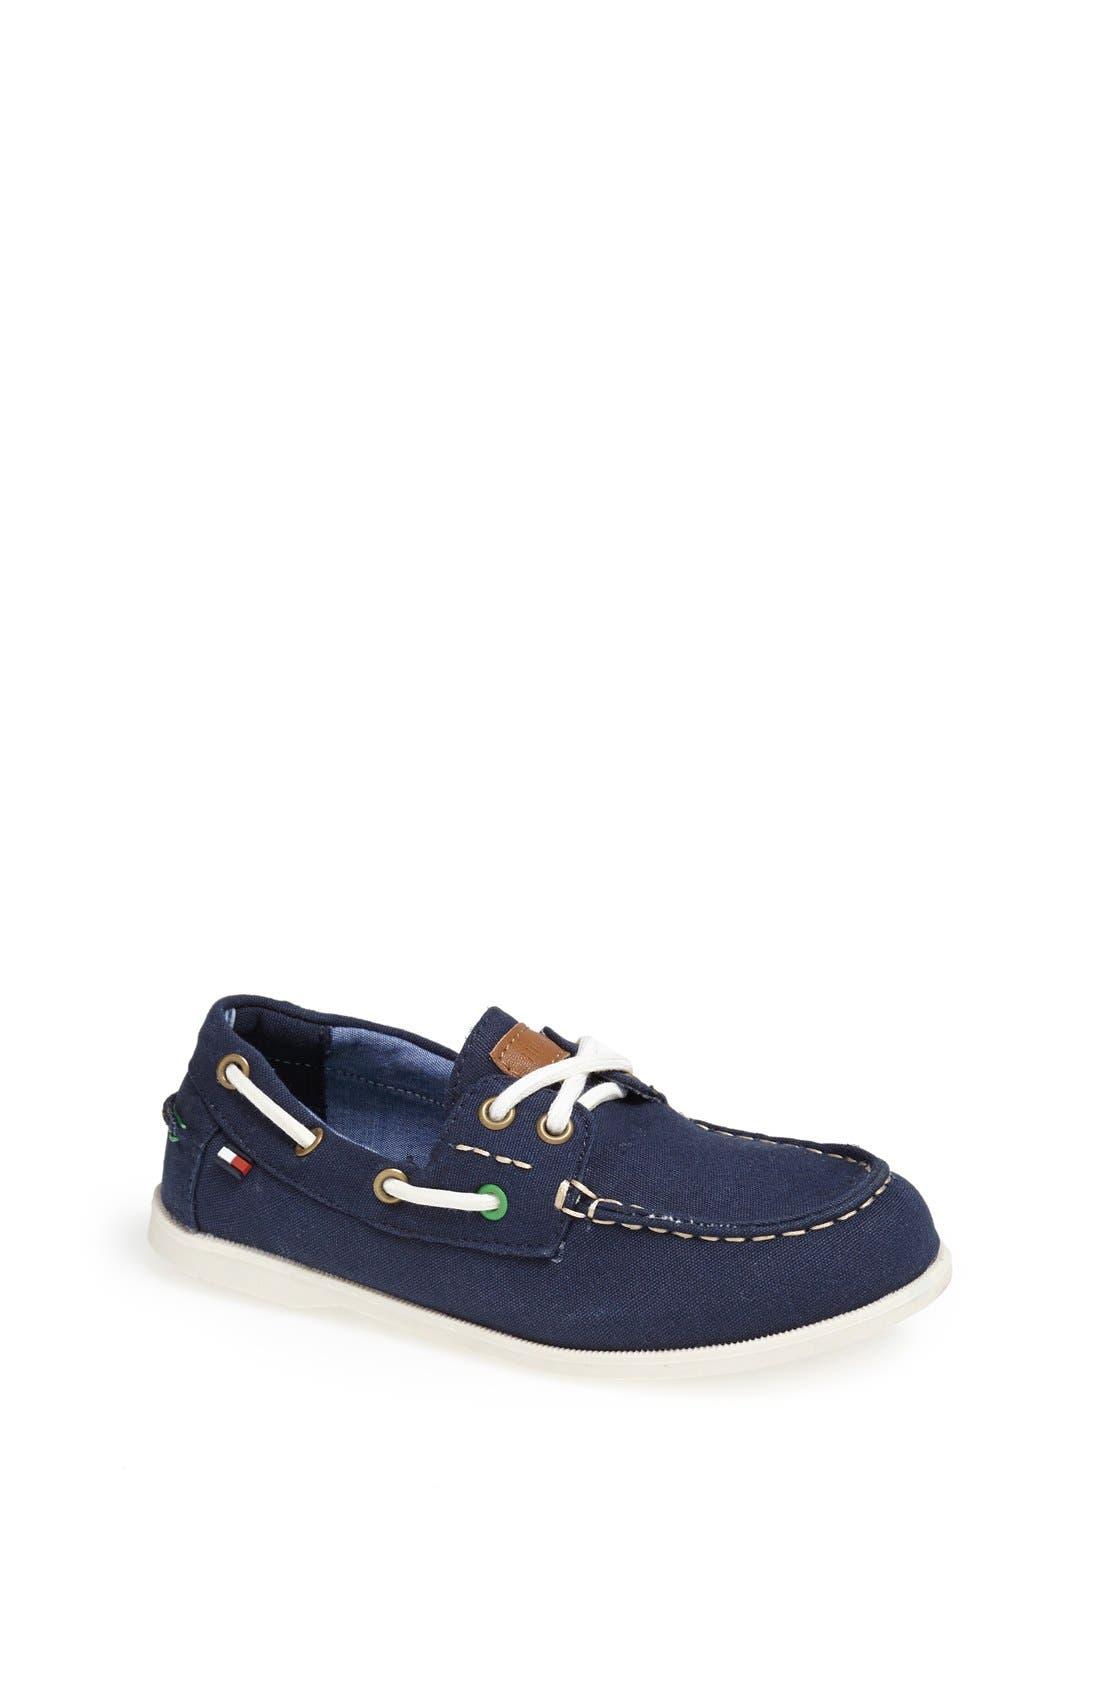 Alternate Image 1 Selected - Tommy Hilfiger 'Douglas' Boat Shoe (Toddler, Little Kid & Big Kid)